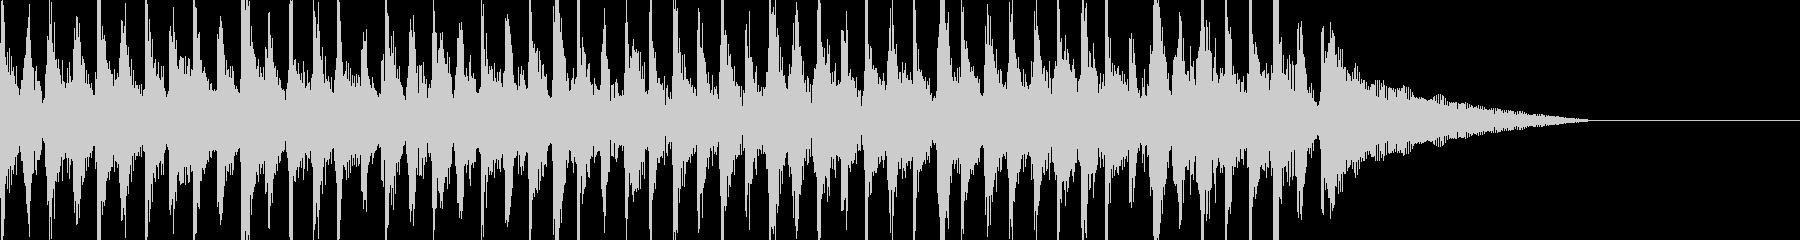 15秒CM、コミカルな動き、シュール映像の未再生の波形